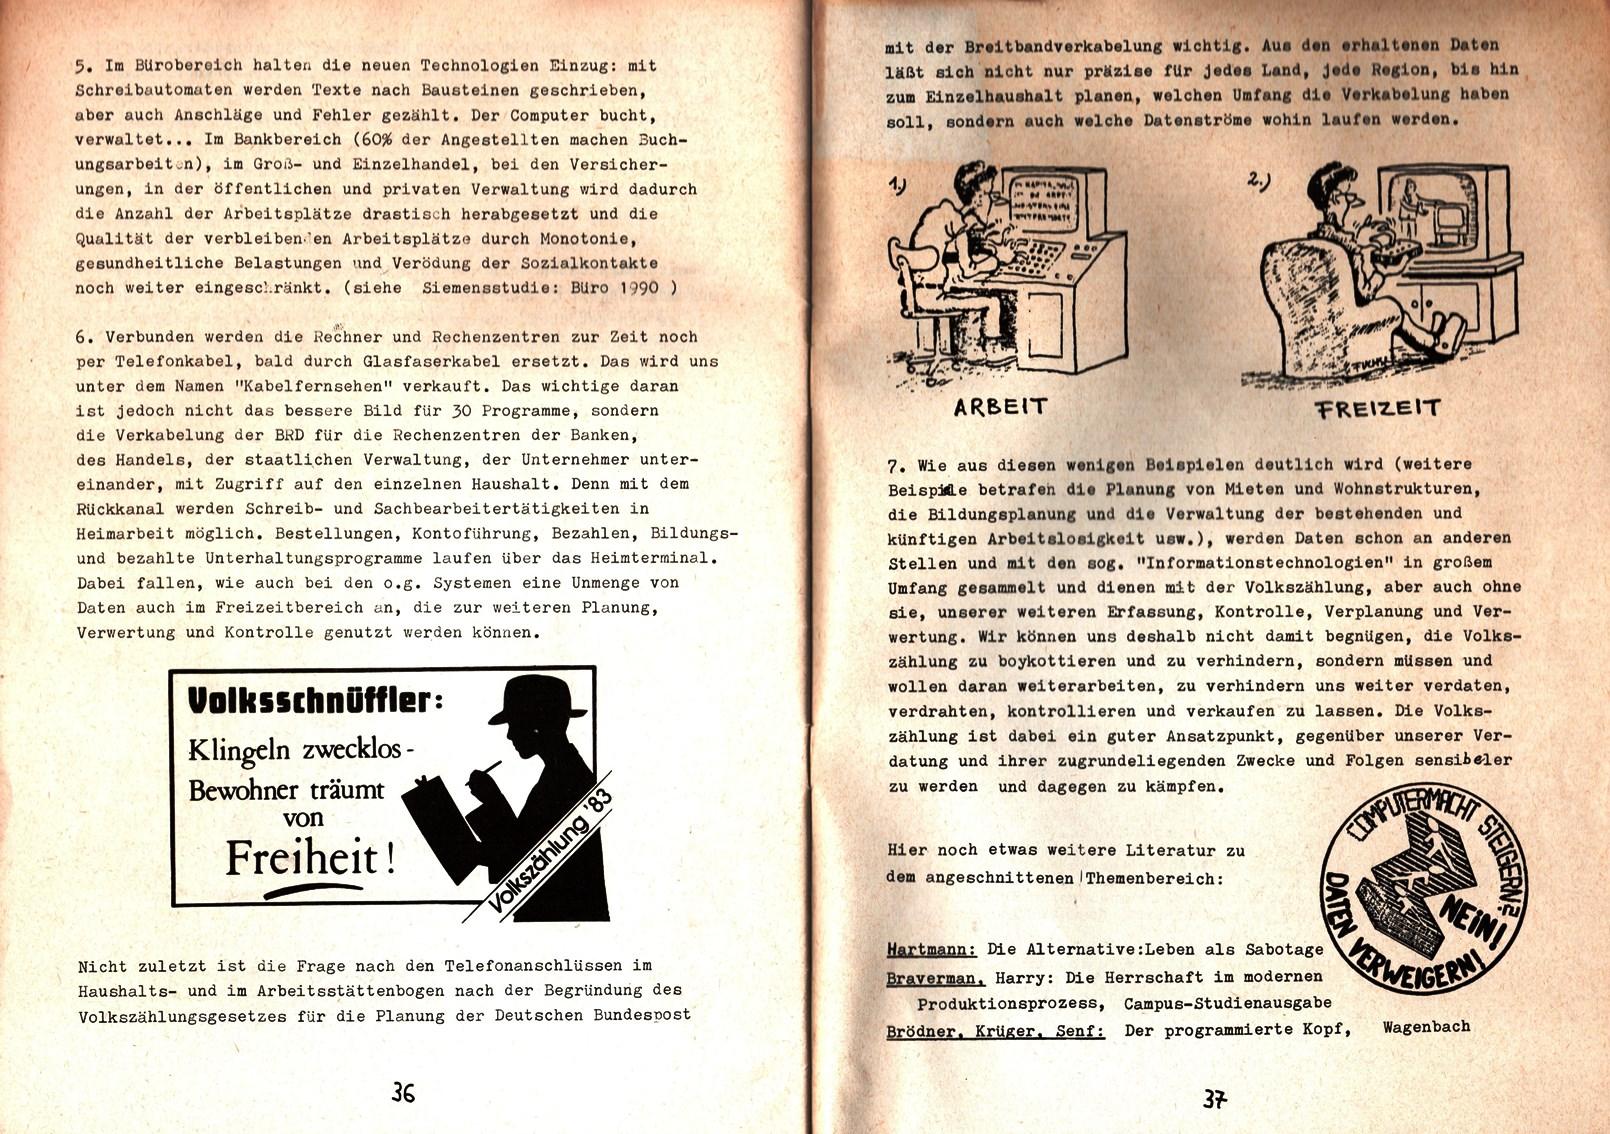 Bochum_1983_Volkszaehlungsboykotttreffen_018